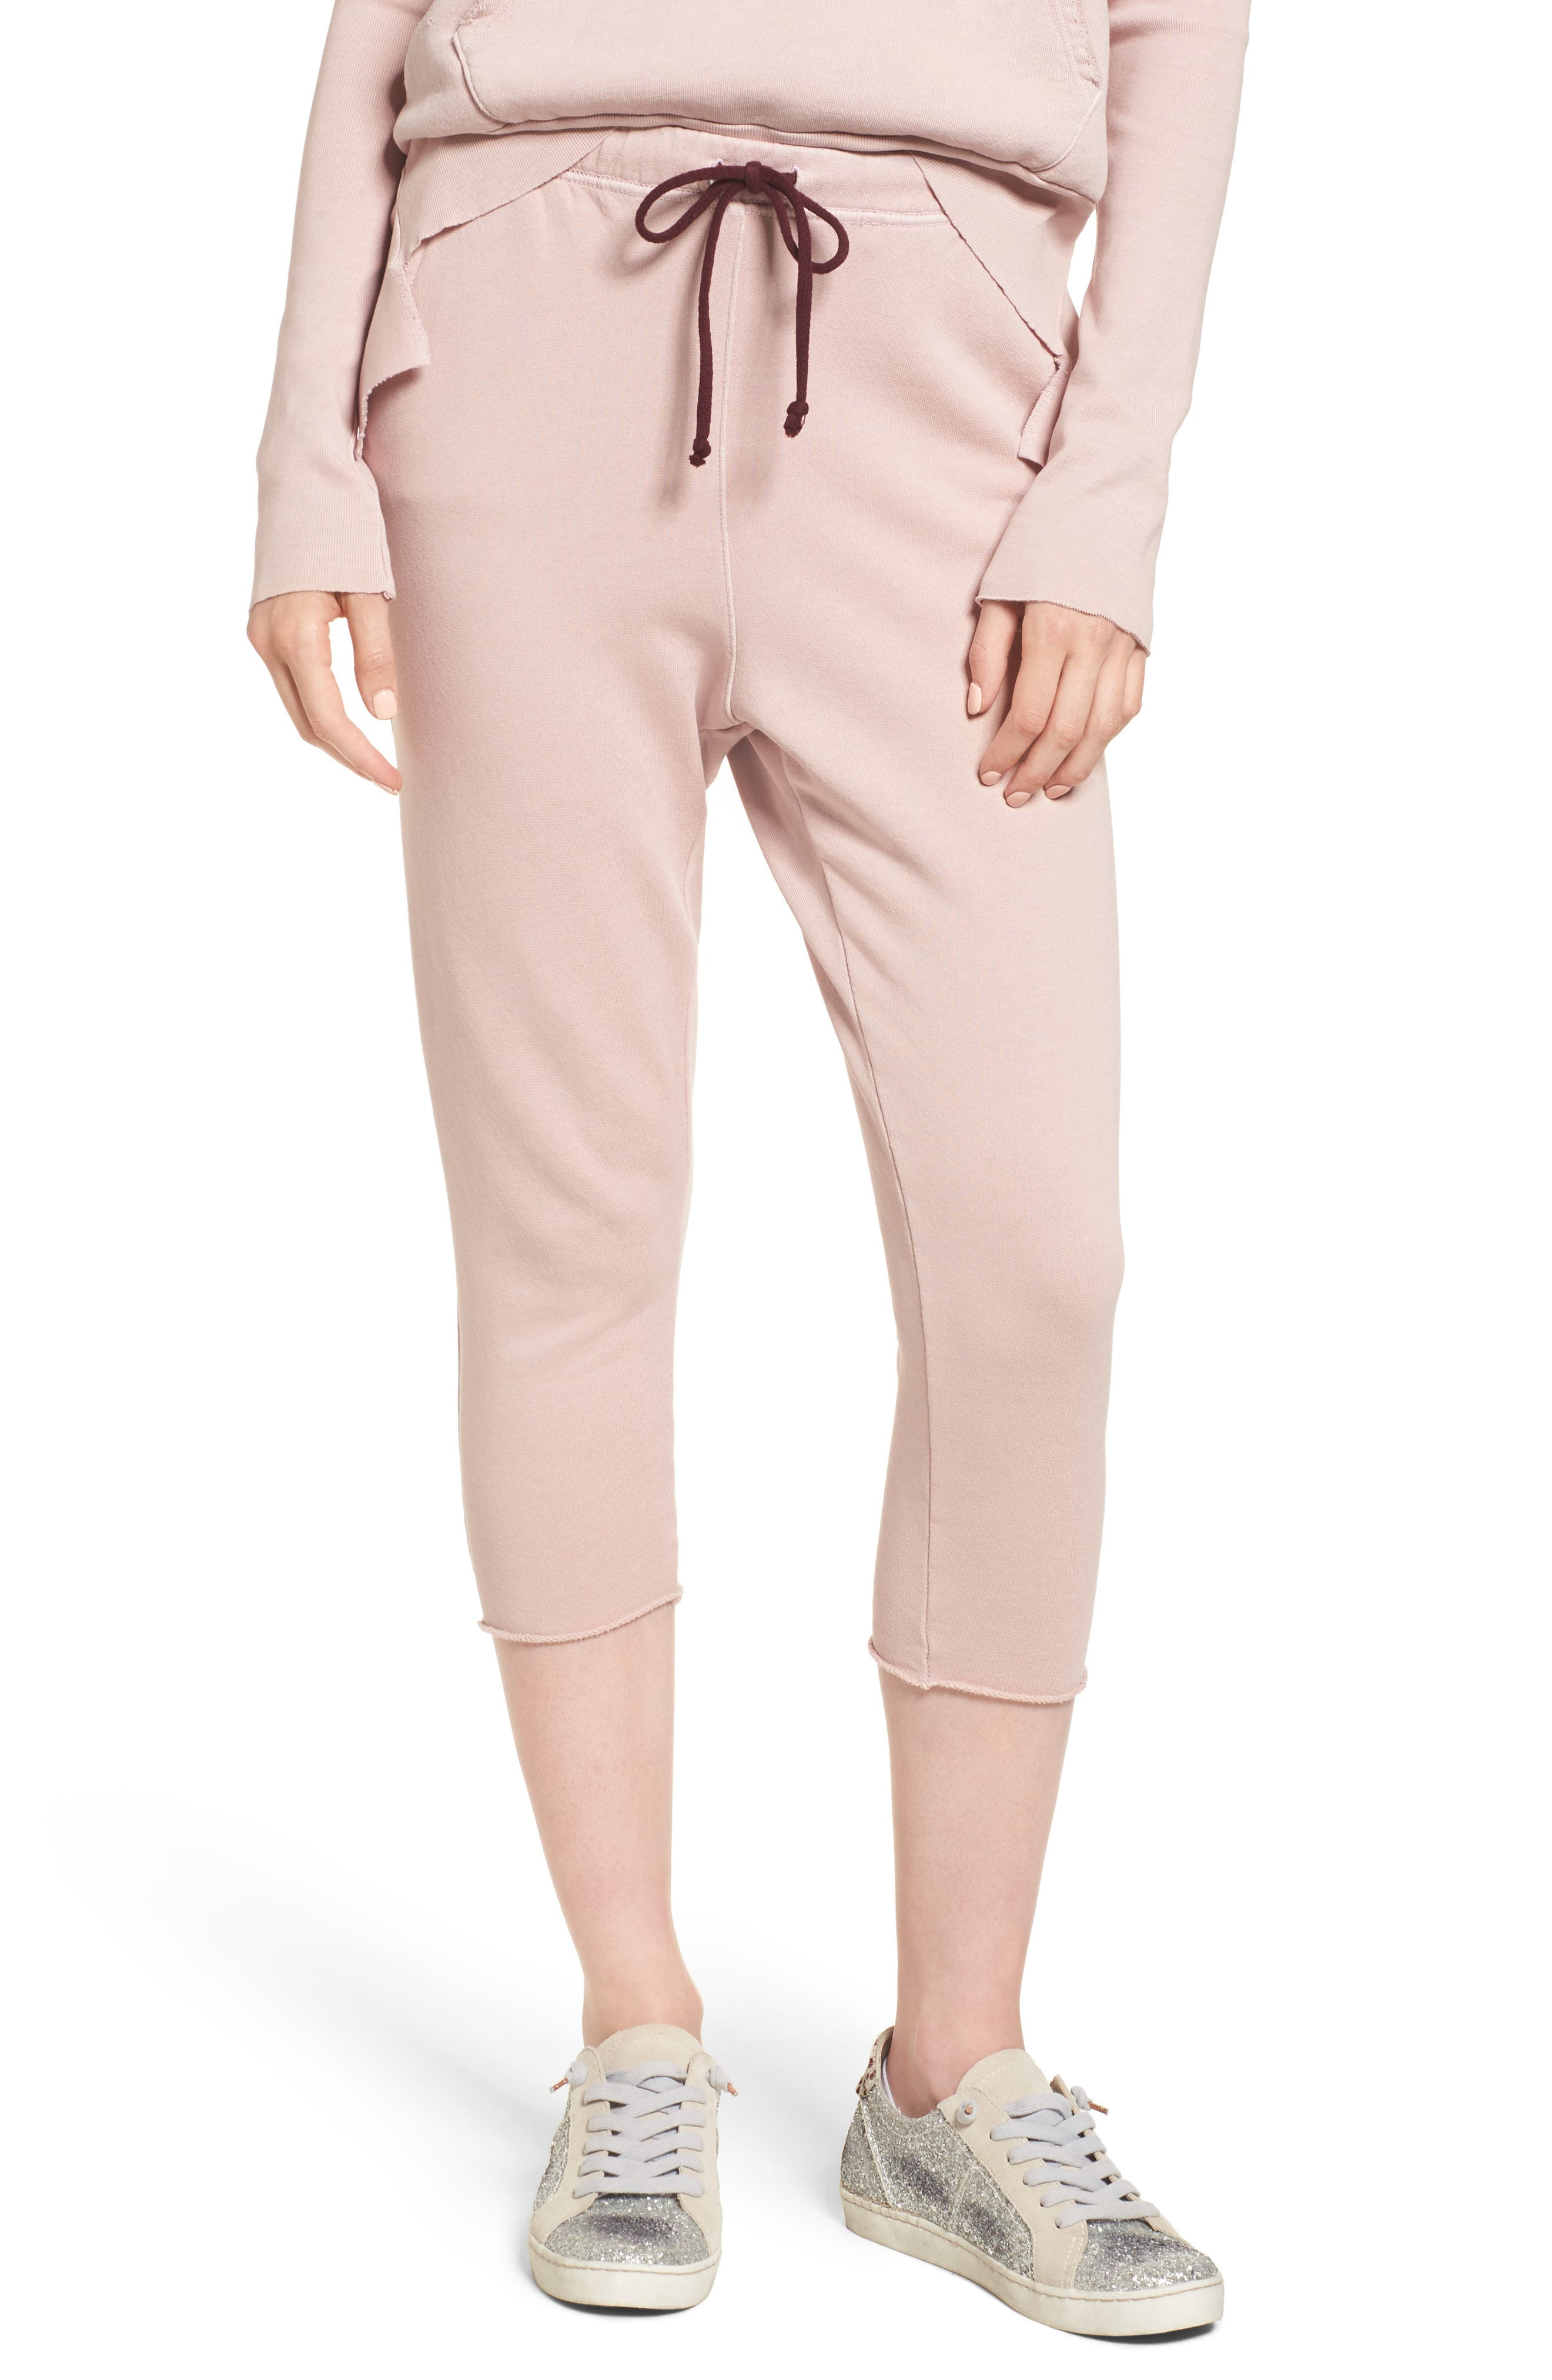 Alternate Image 1 Selected - Frank & Eileen Tee Lab Raw Hem Crop Sweatpants